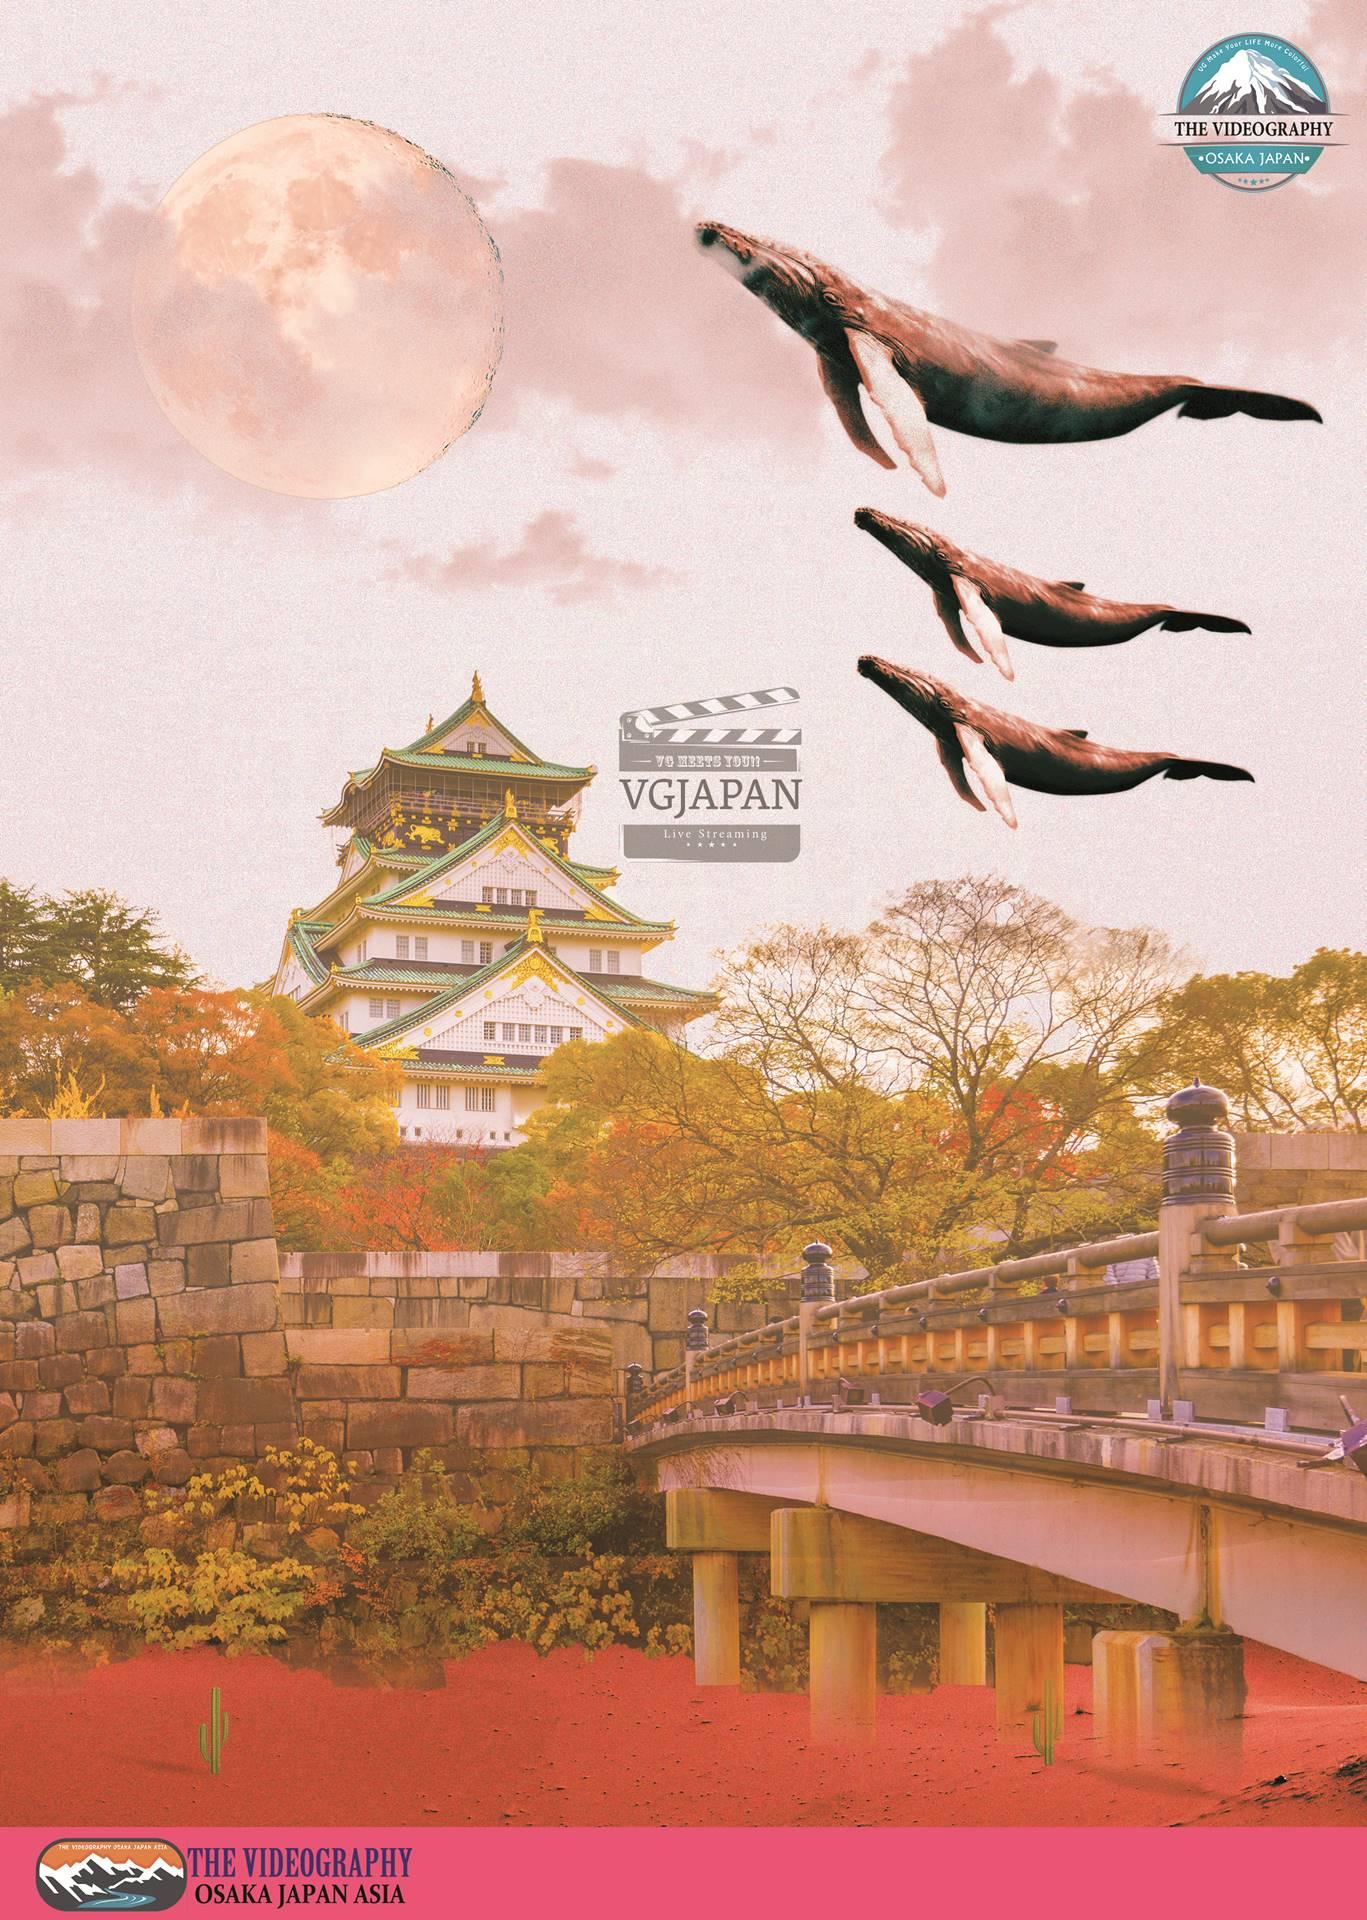 空を跳ぶ くじら・跳べないクジラはただのクジラ 跳べない鯨はハリハリ鍋へ